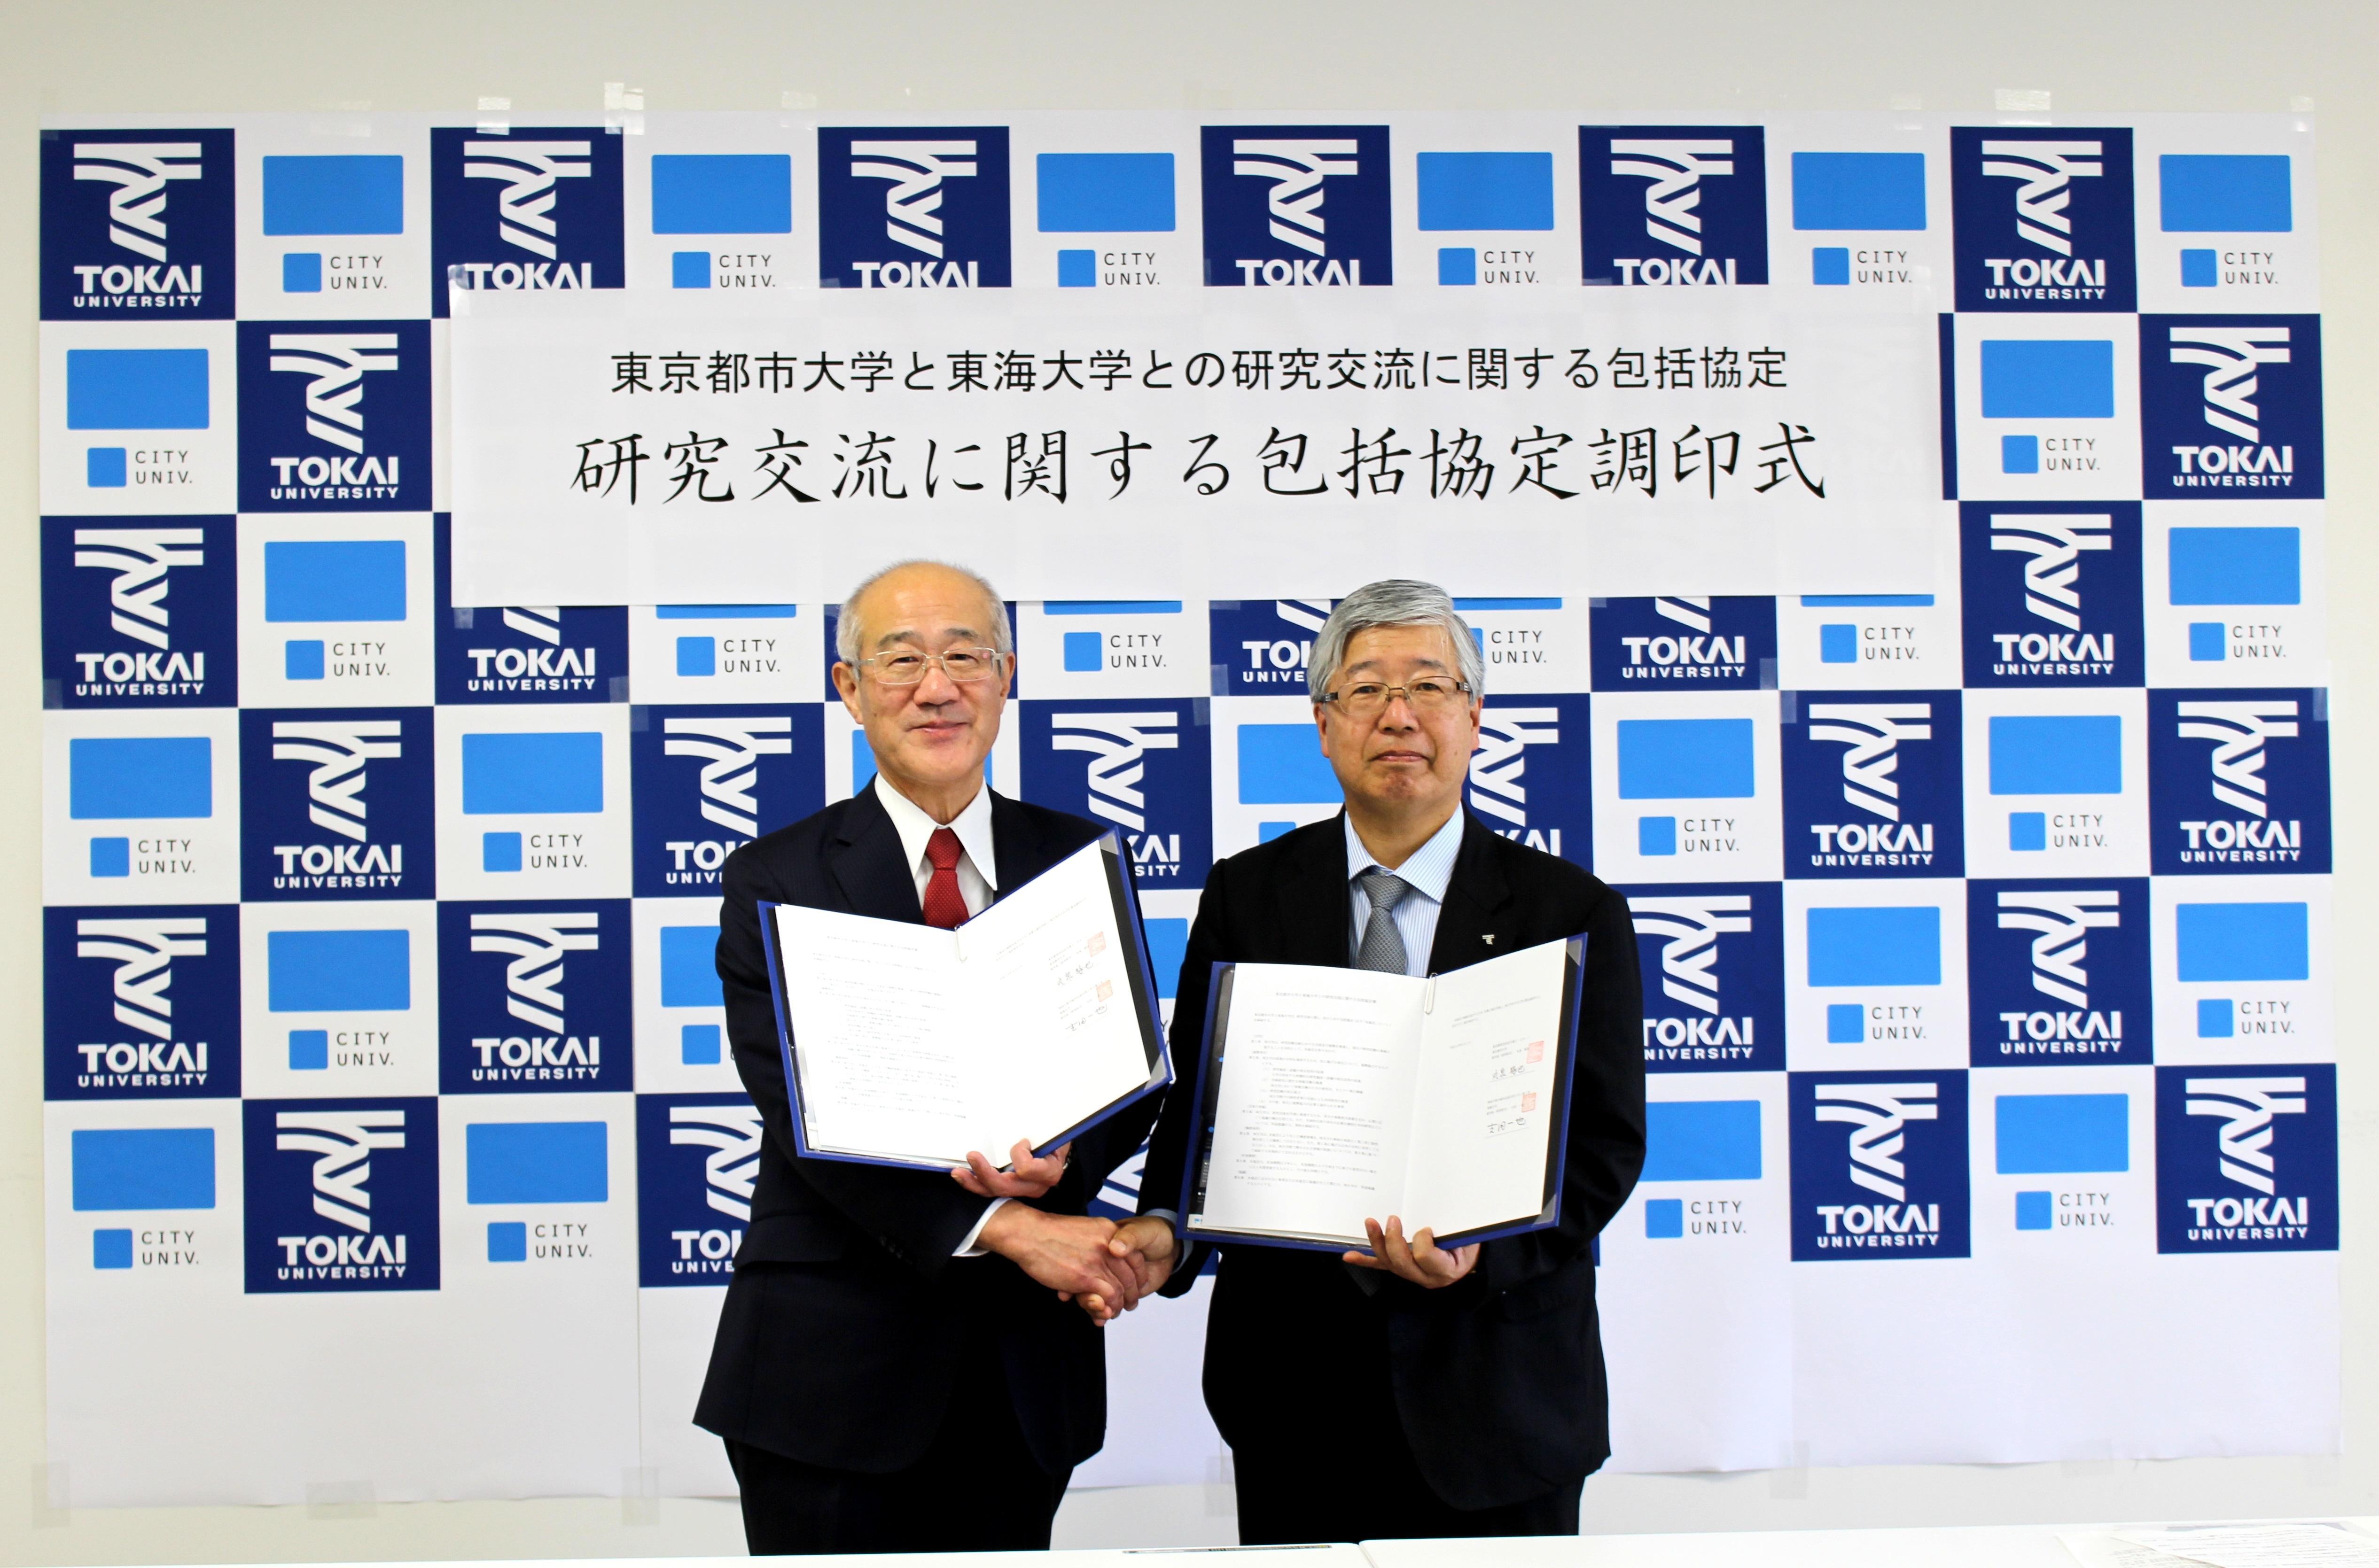 東京都市大学と東海大学が「研究交流に関する包括協定」を締結 -- 研究施設・設備の相互利用を促進